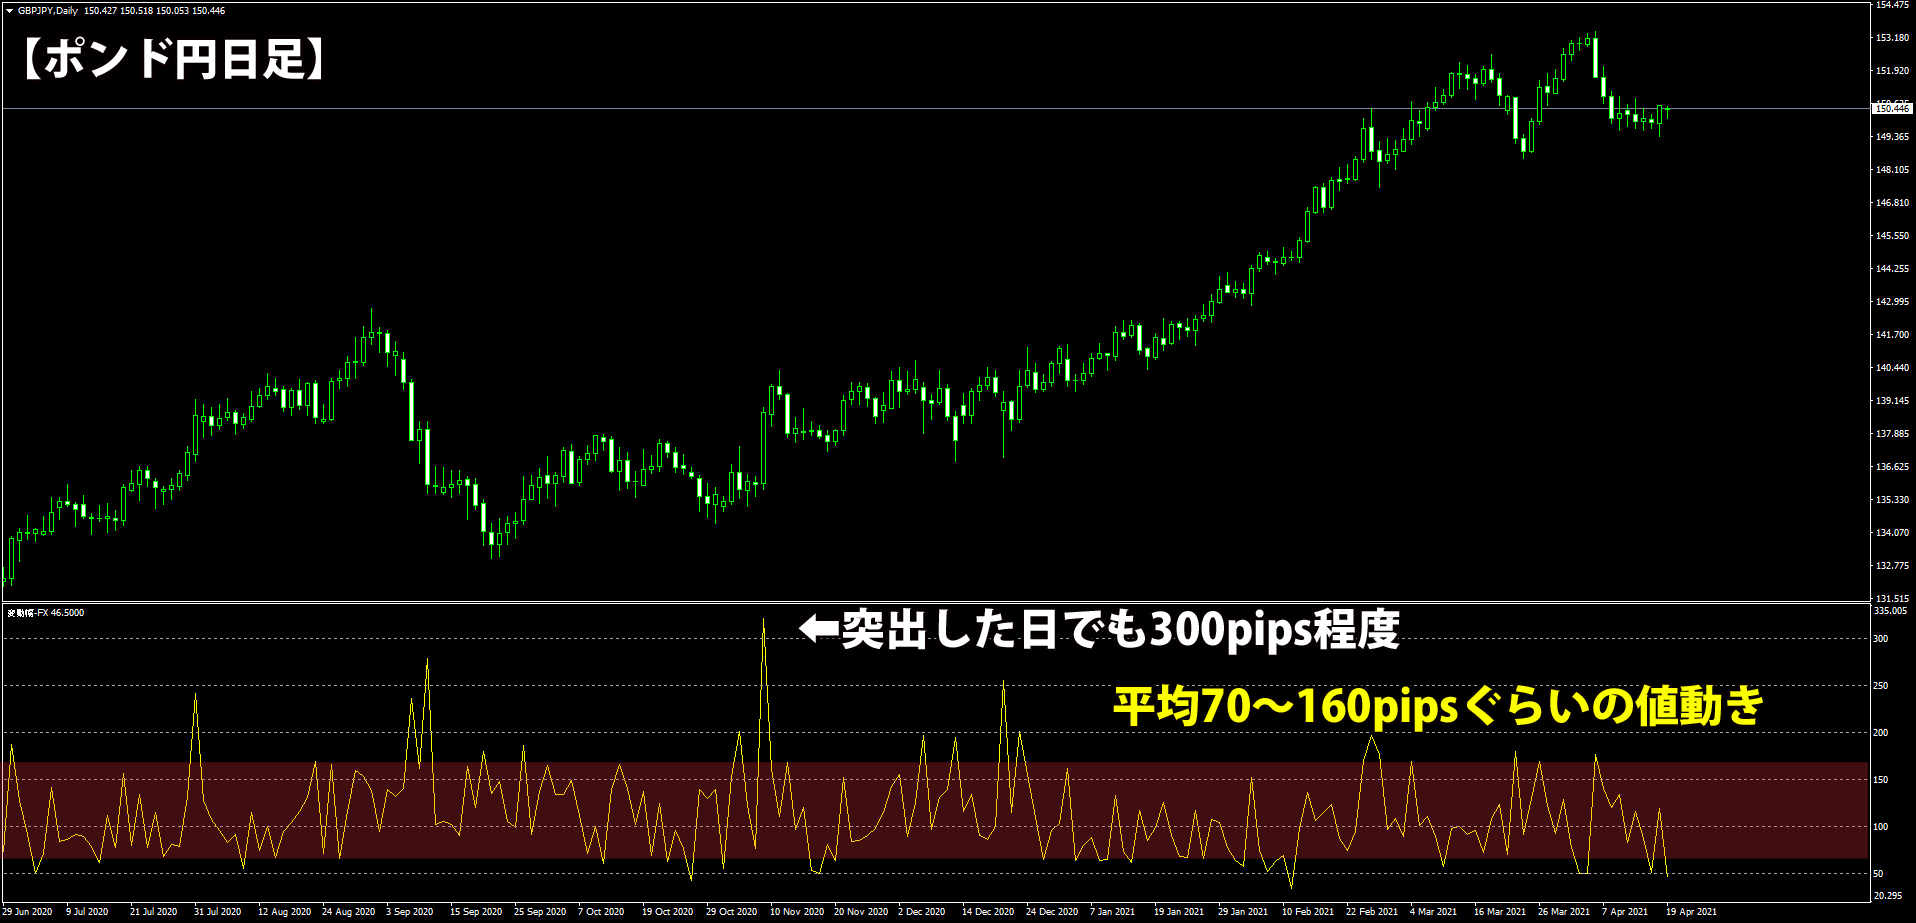 ポンド円日足の高値と安値のpips差